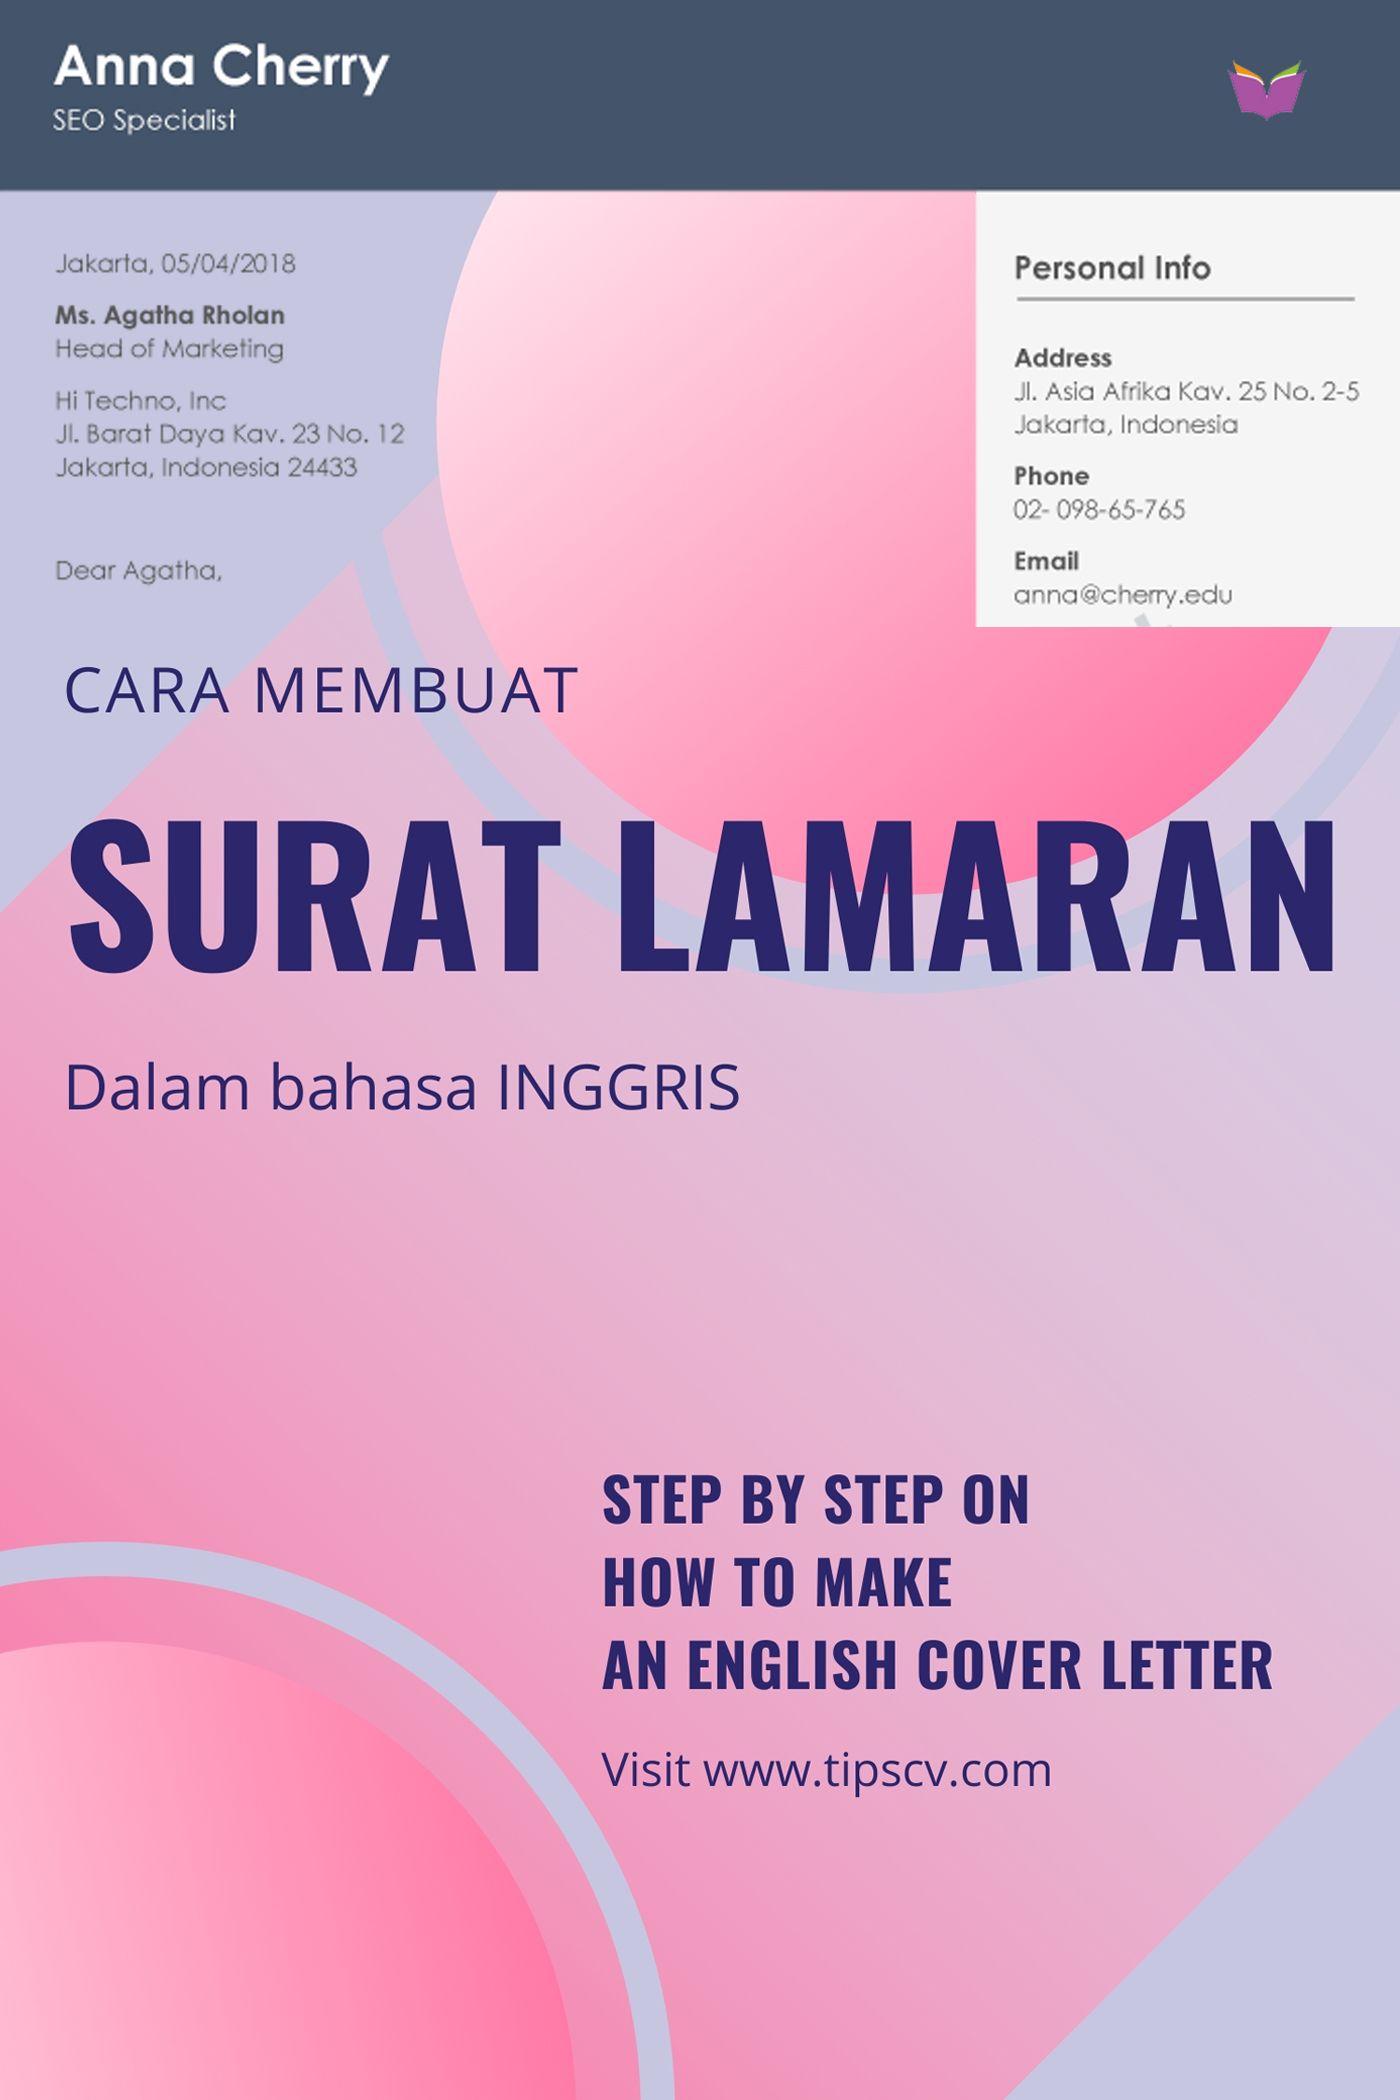 Contoh Surat Lamaran Kerja Bahasa Inggris [Updated] di